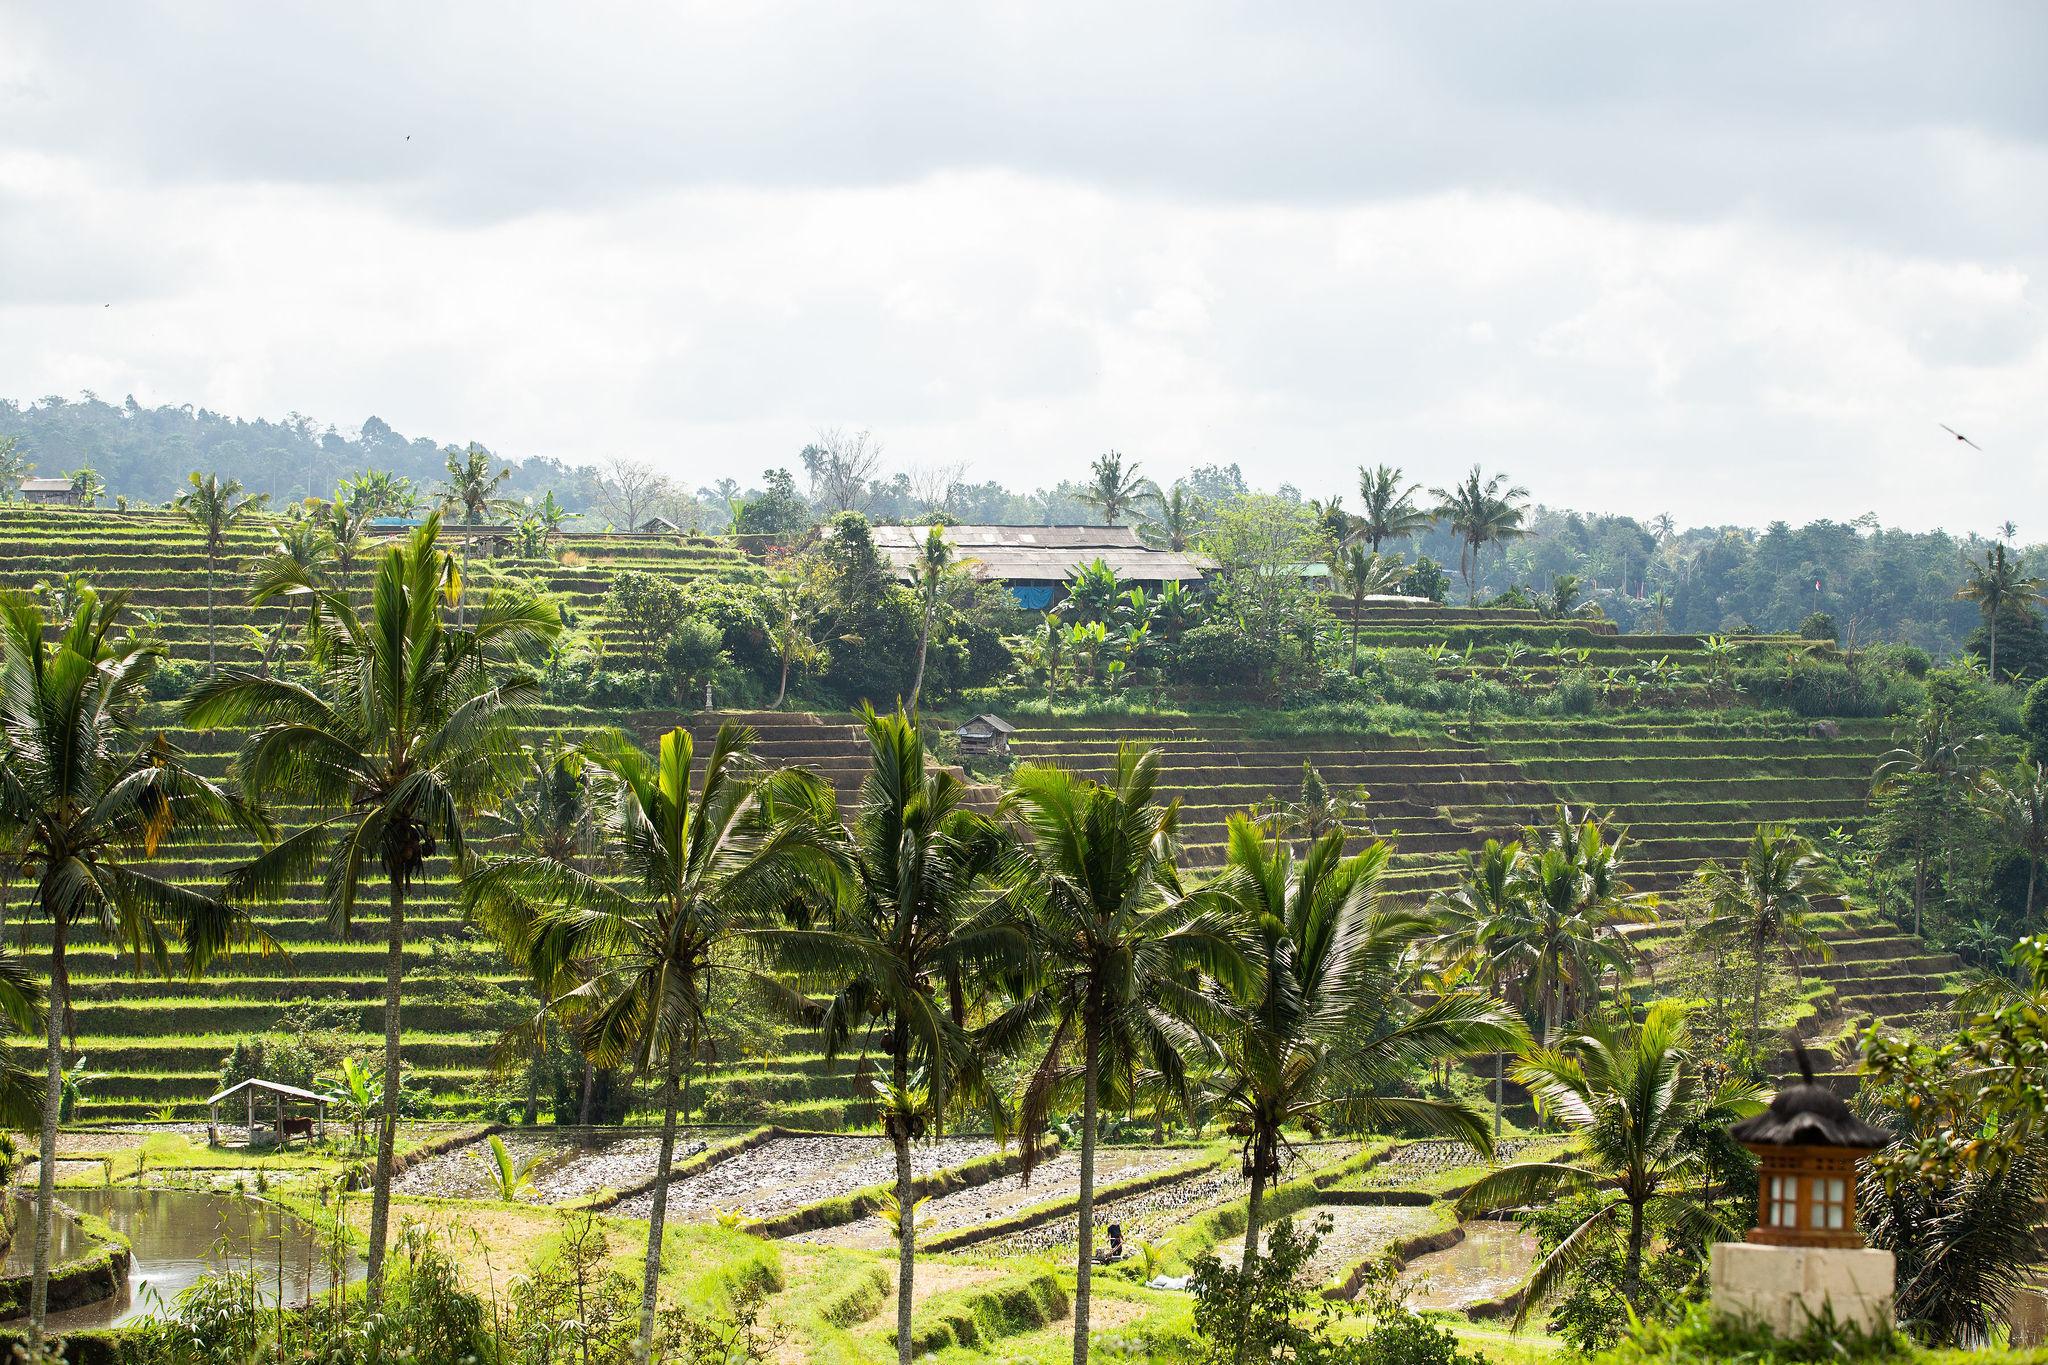 TheWrightLine-Bali-Stills-30-2048x1365-816f82c7-6714-4481-b912-8f45c3f7e192.jpg